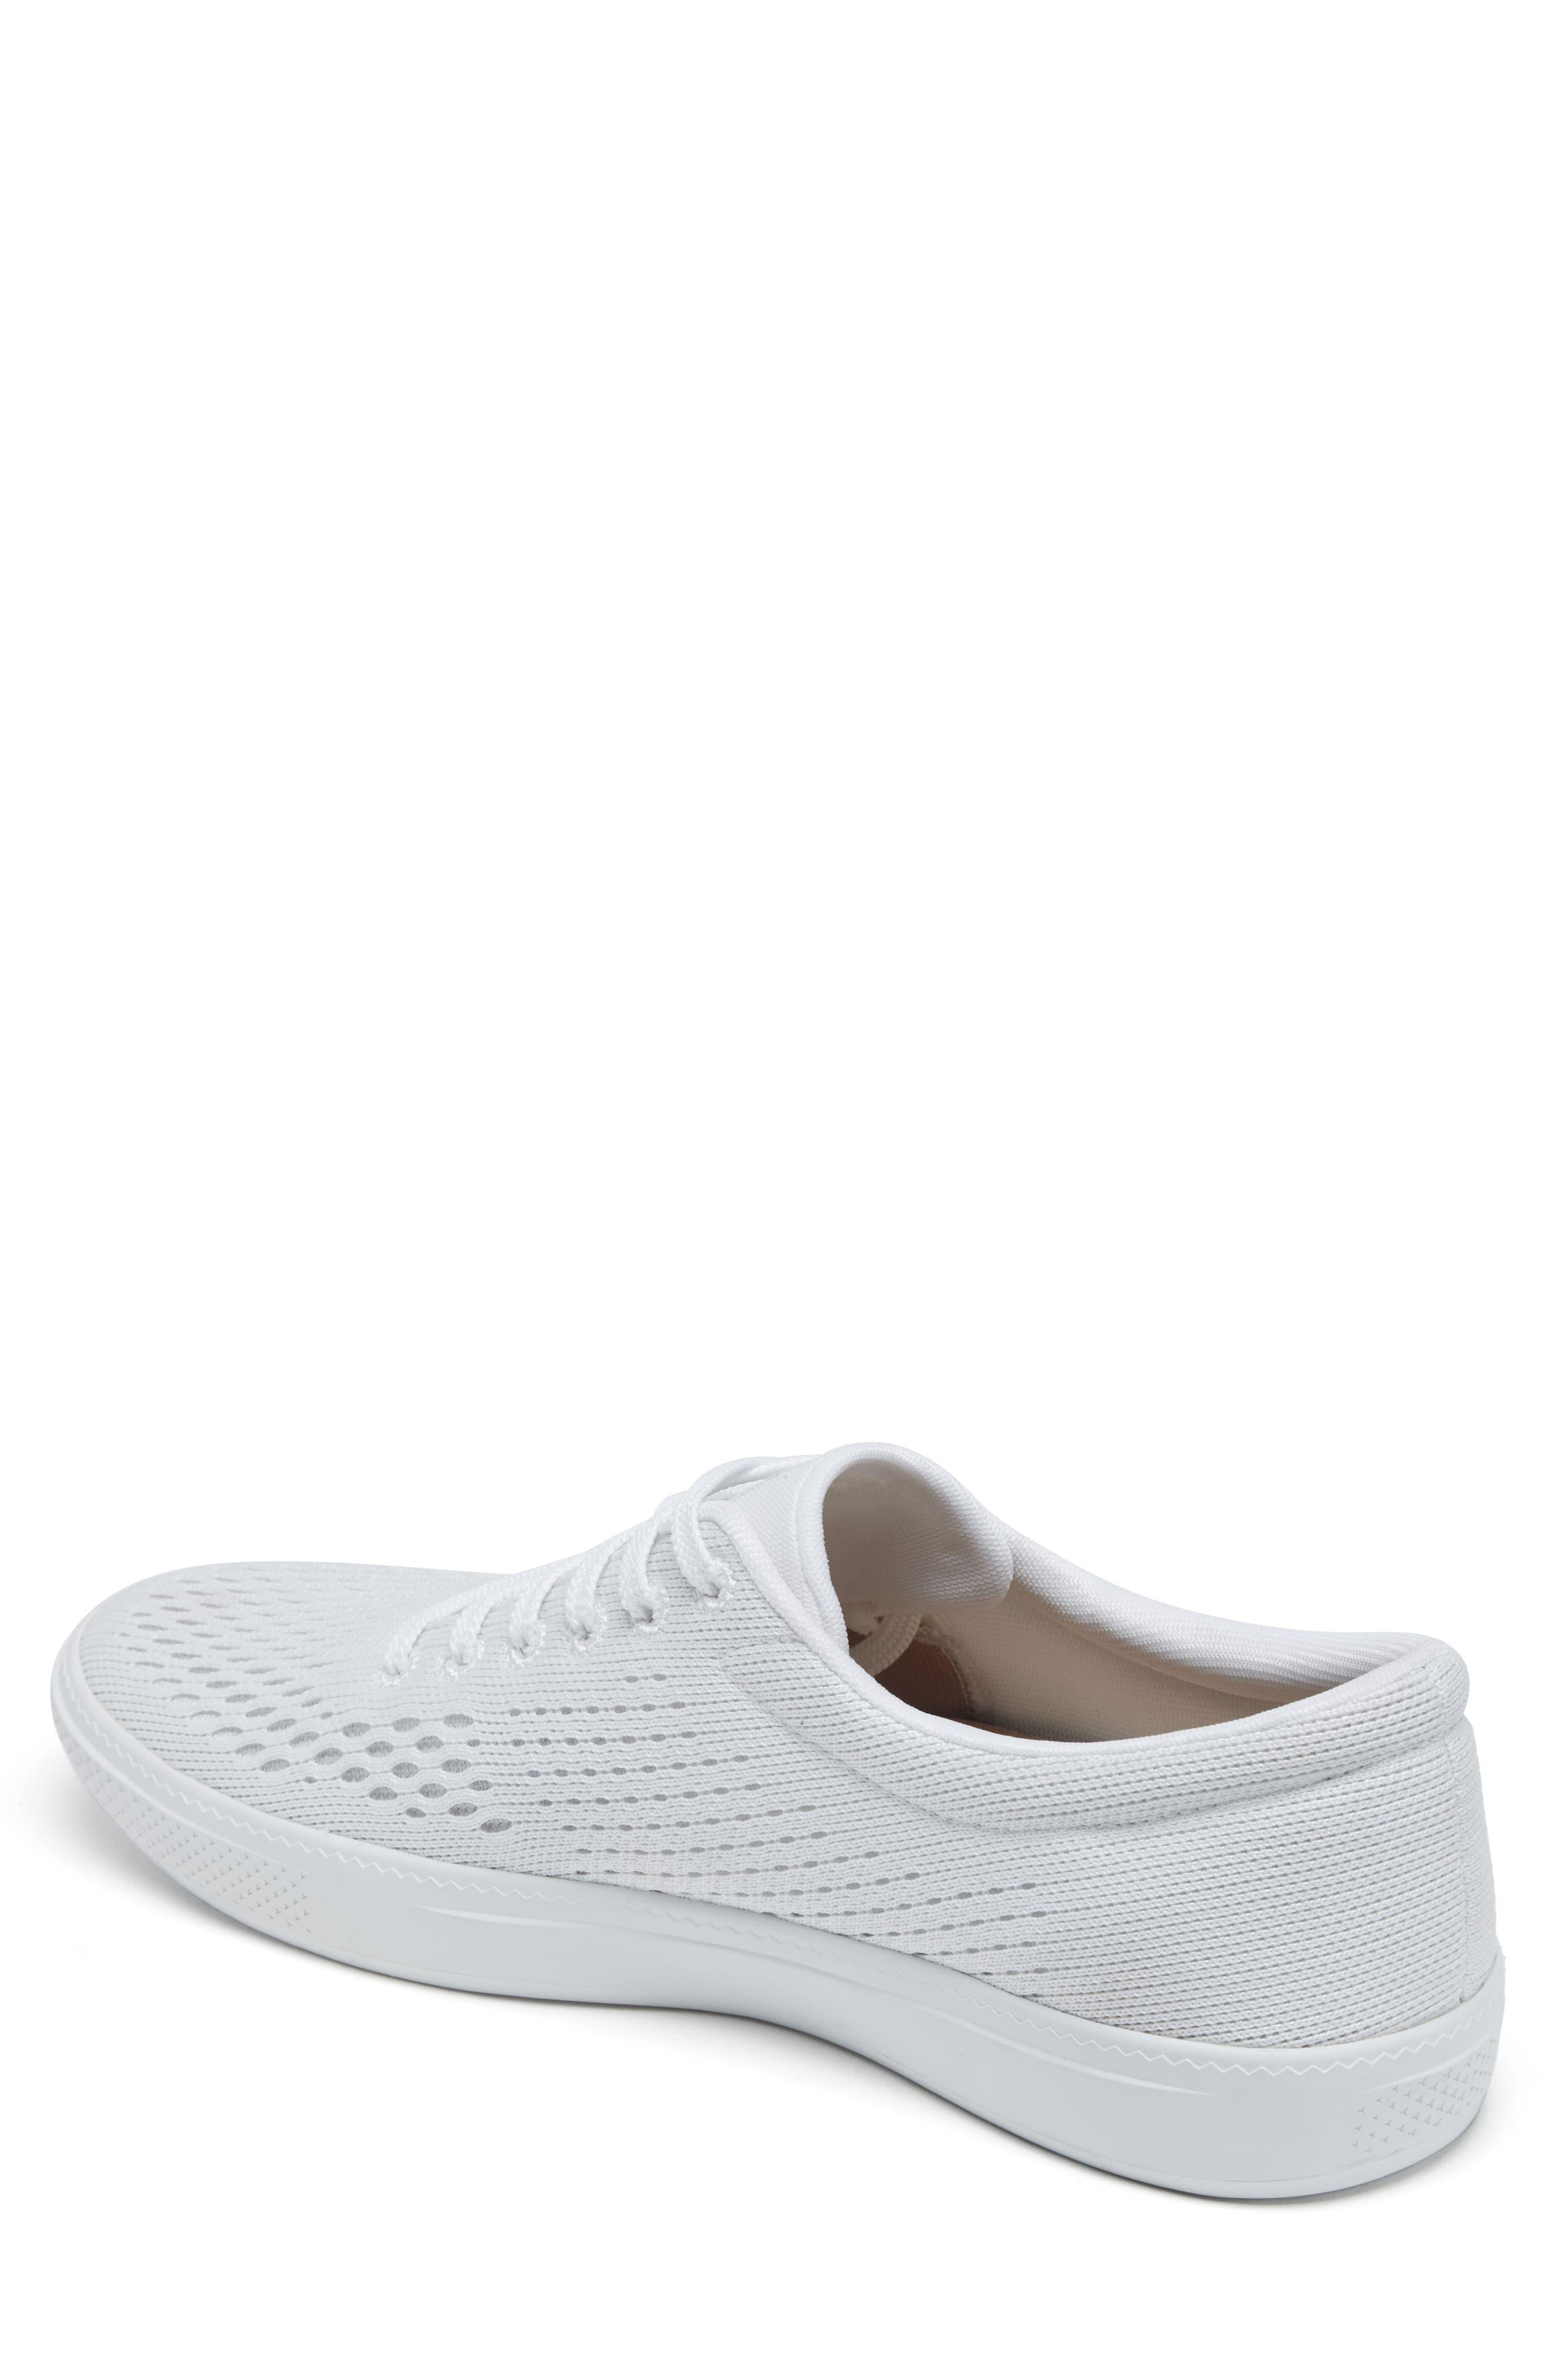 August II Sneaker,                             Alternate thumbnail 2, color,                             WHITE